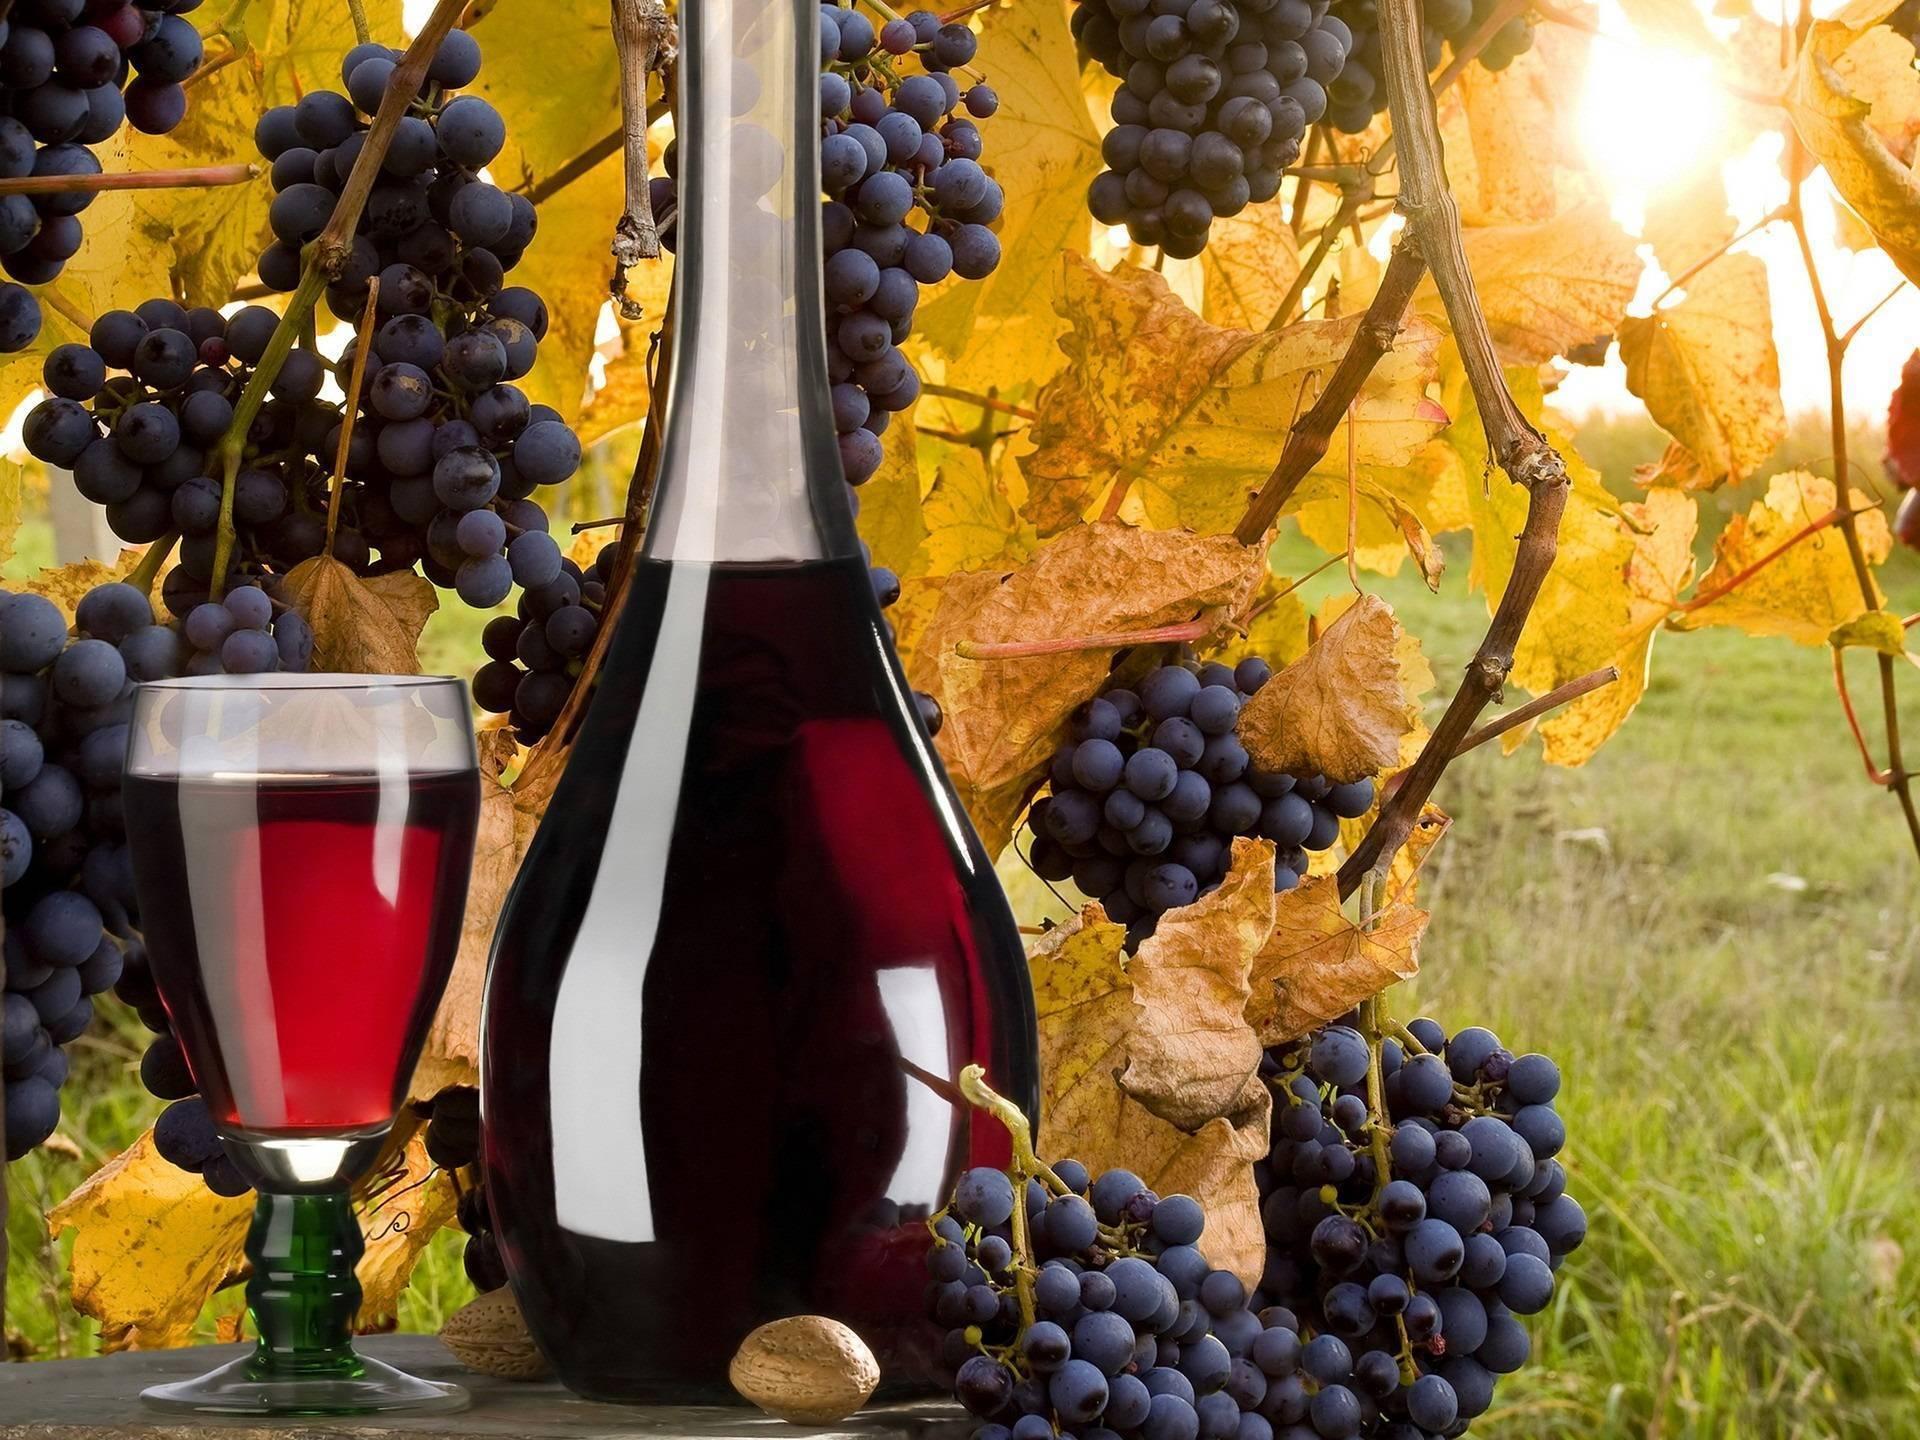 Готовим домашнее вино из красного винограда: условия, этапы, советы и тонкости